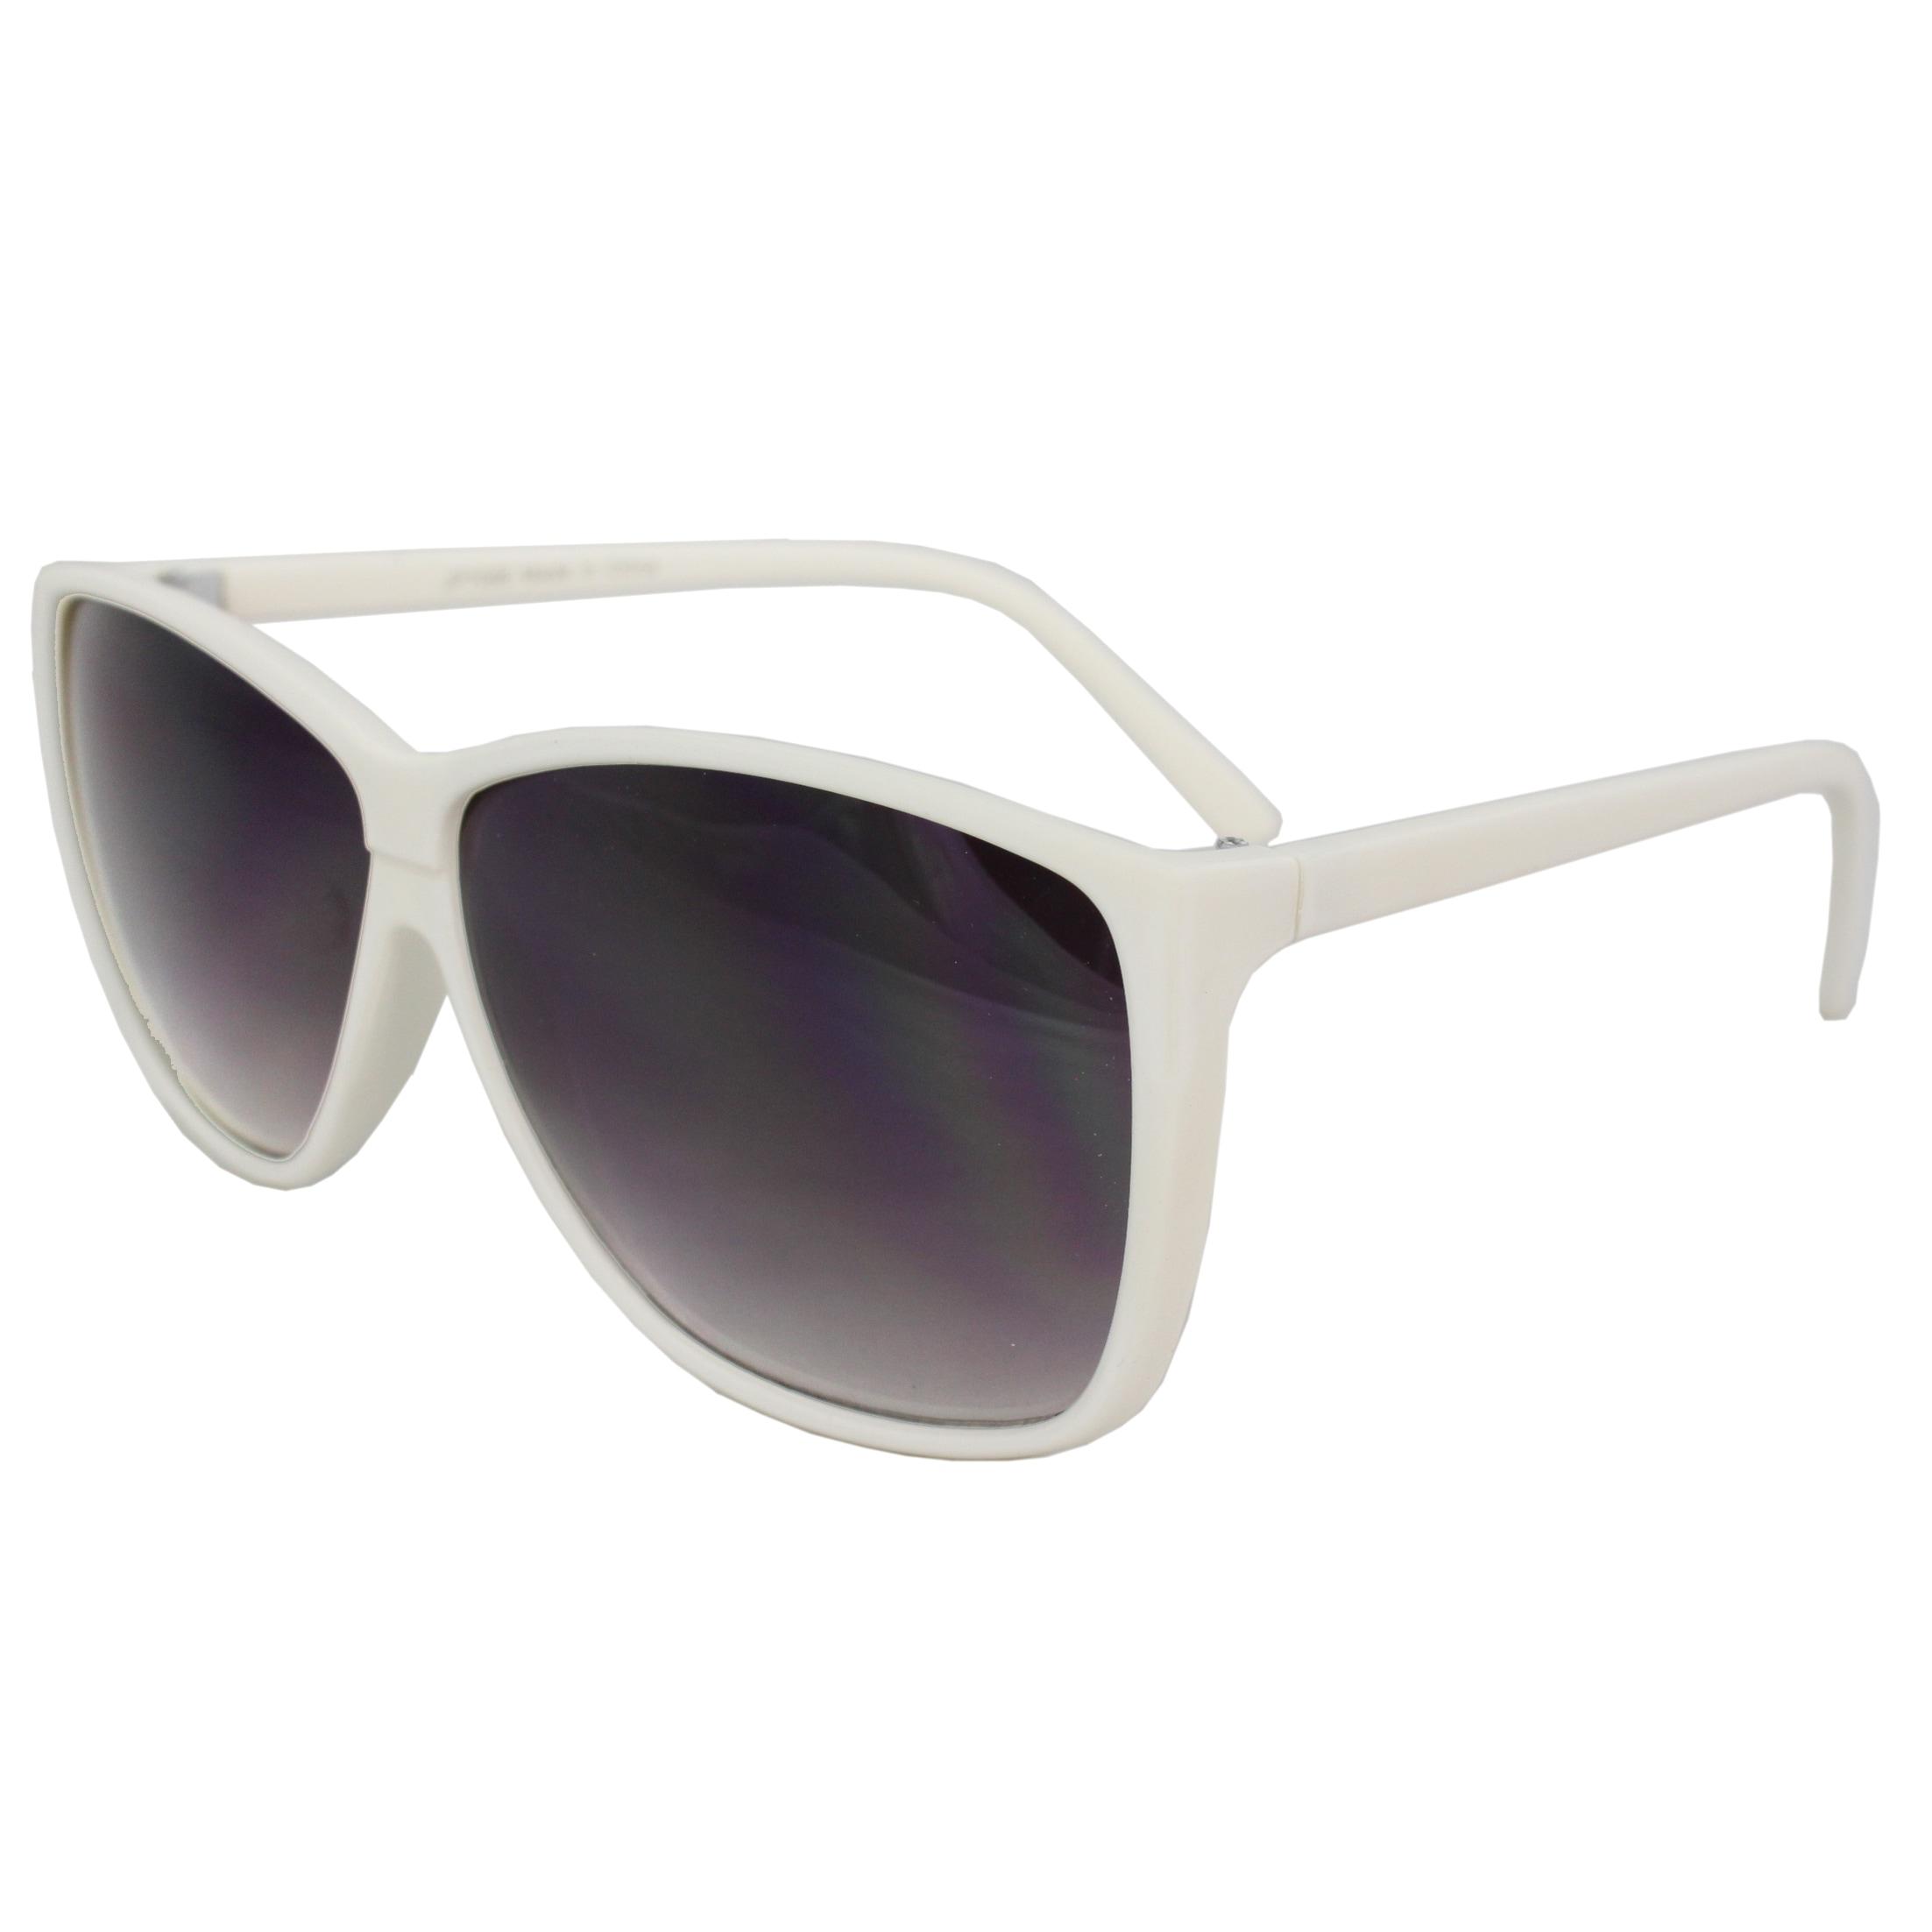 Women's White Square Fashion Sunglasses